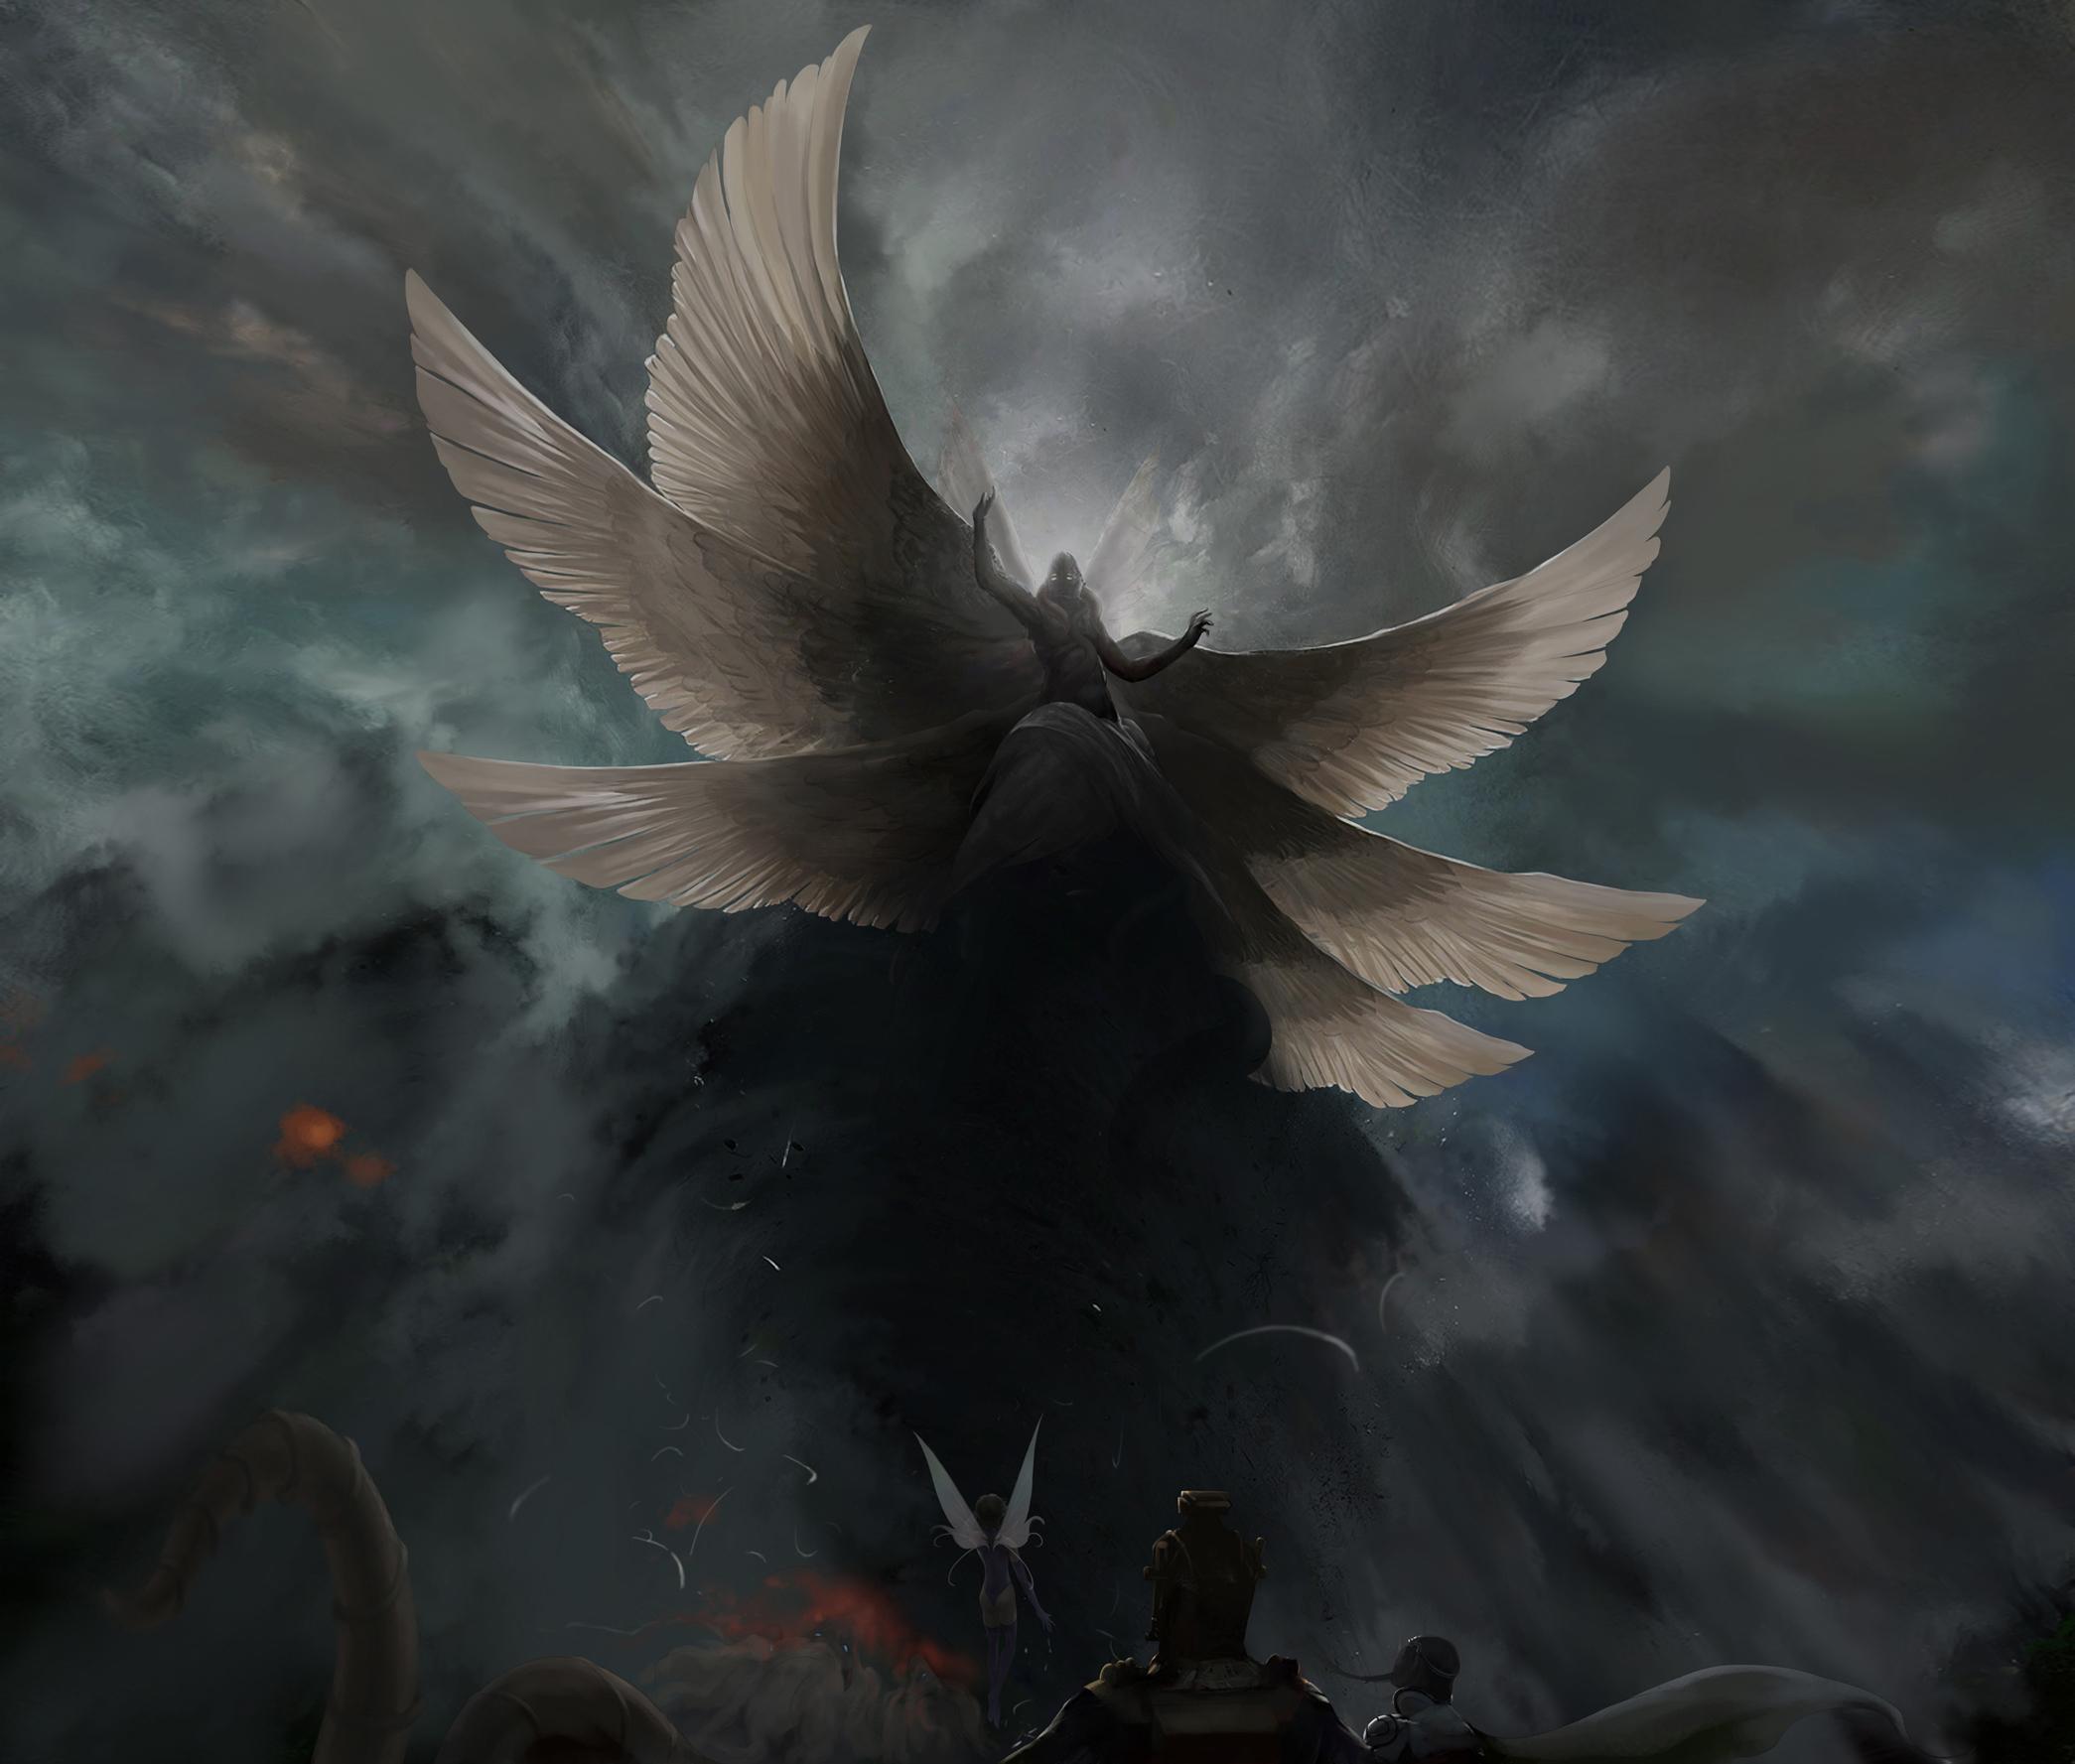 angel devil wings wallpaper - photo #15